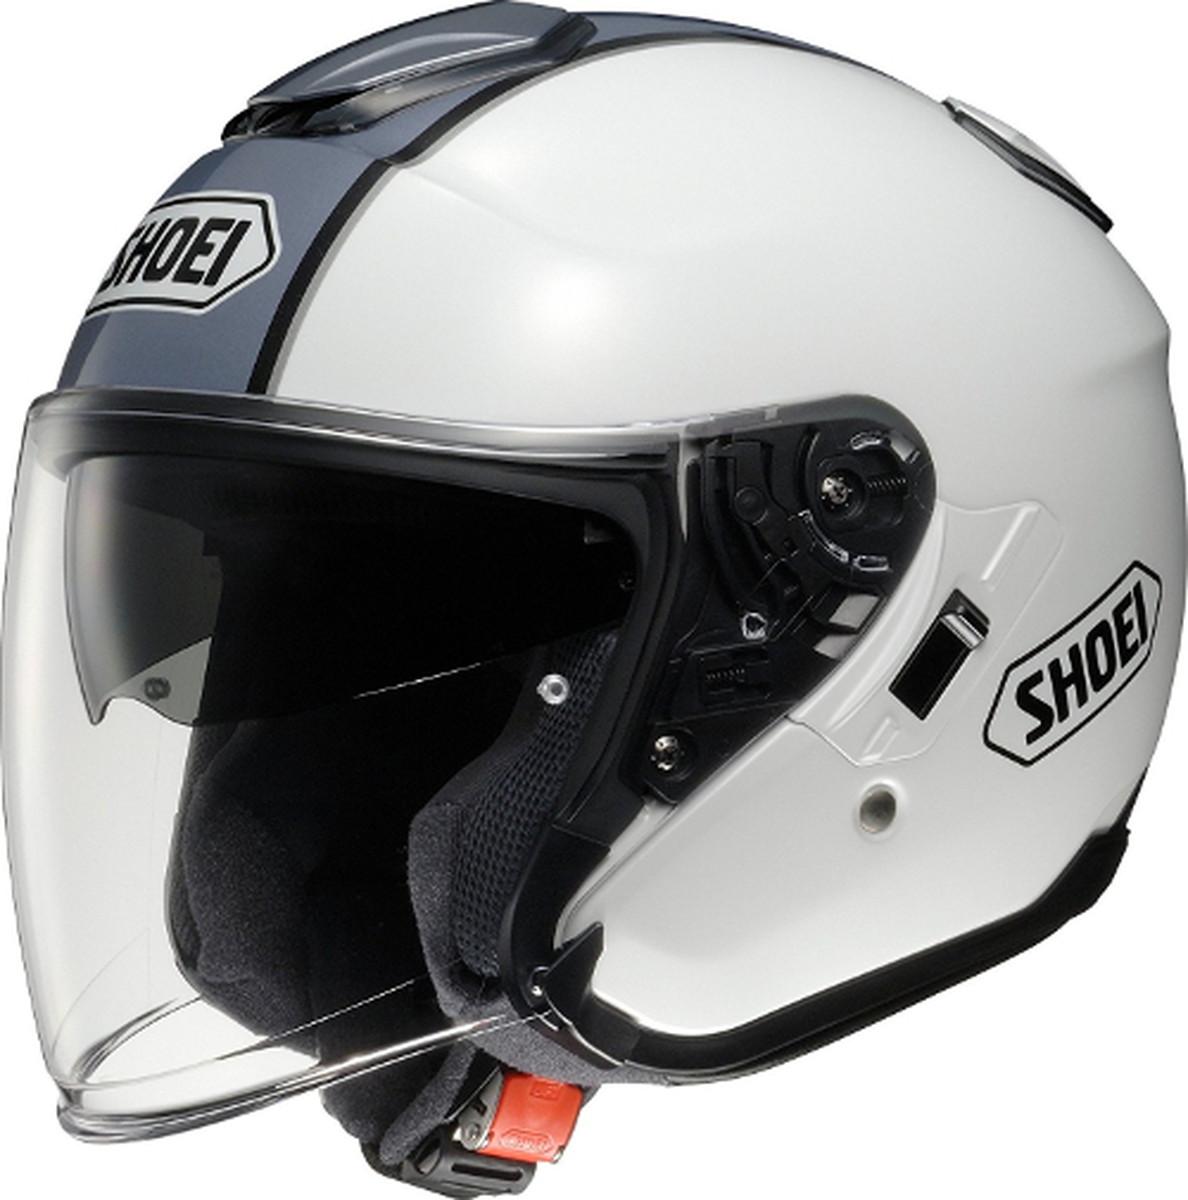 【動画あり】 SHOEI ジェットヘルメット J-CRUISE CORSO (コルソ) TC-6 Sサイズ